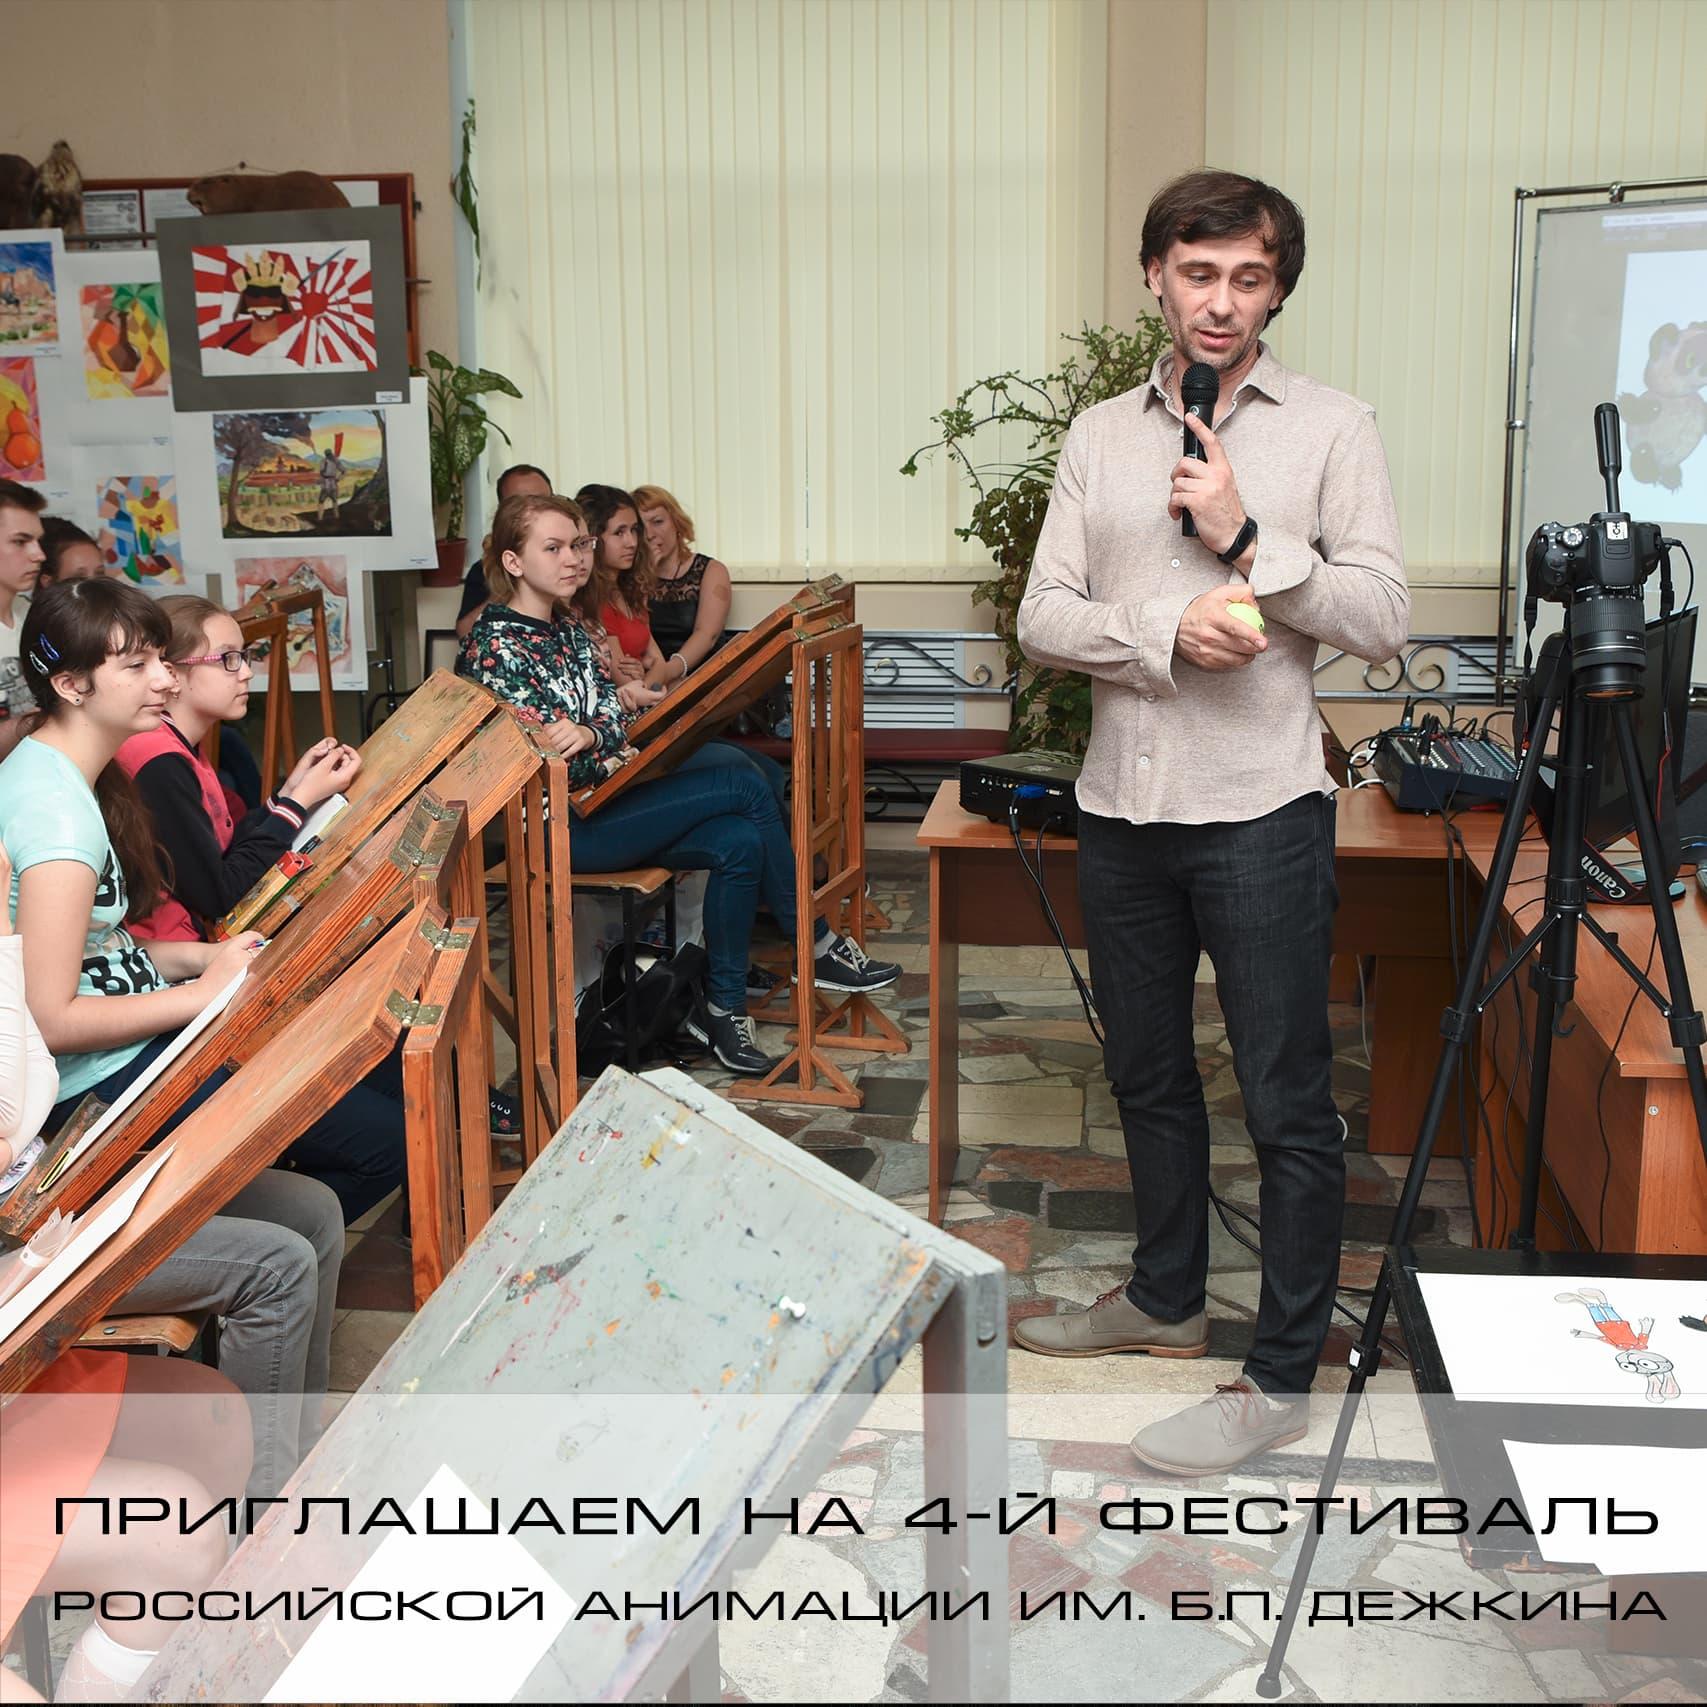 В Курске пройдёт 4-ый Фестиваль российской анимации имени Бориса Петровича Дёжкина